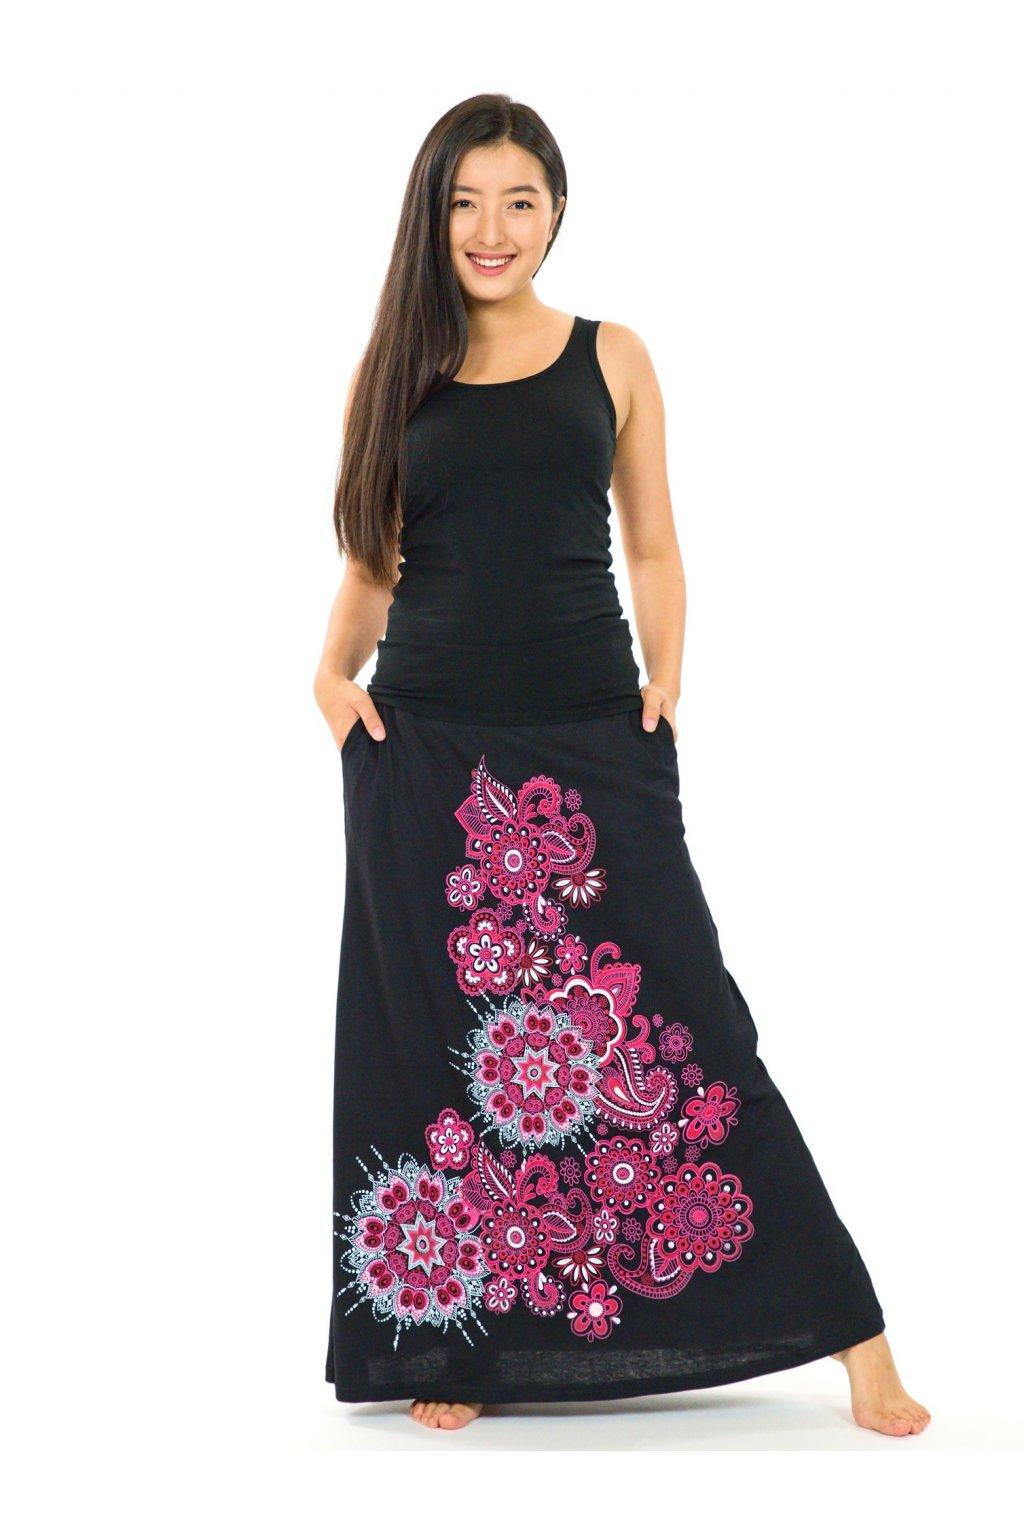 Dlouhá sukně Maima - černá s růžovou